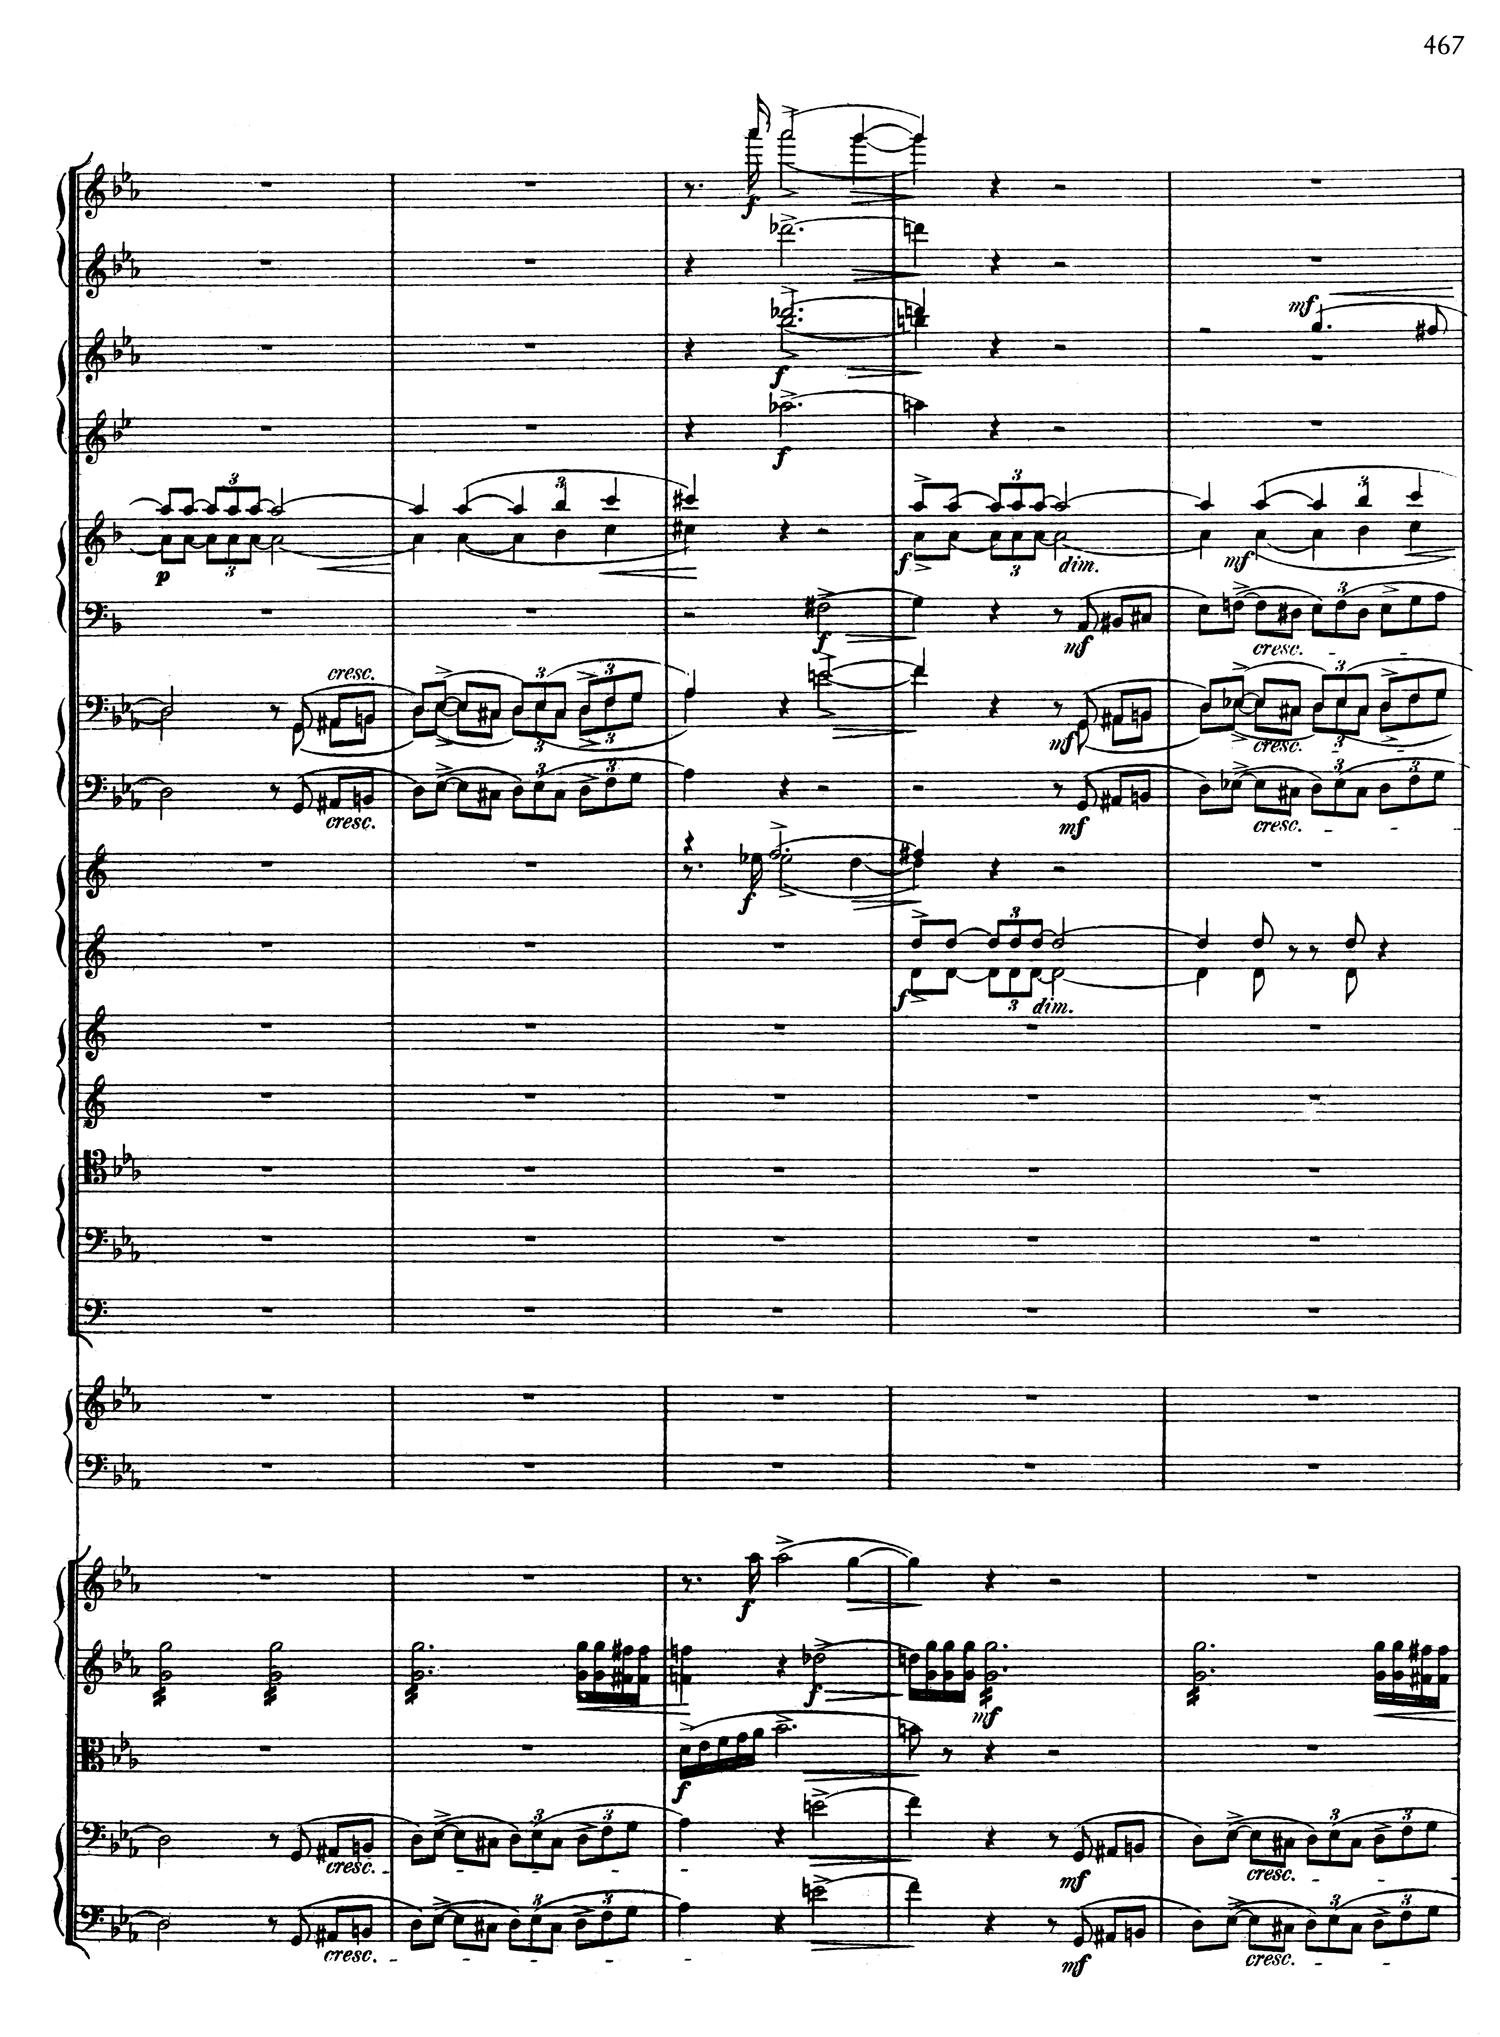 Strauss Death Score 4.jpg